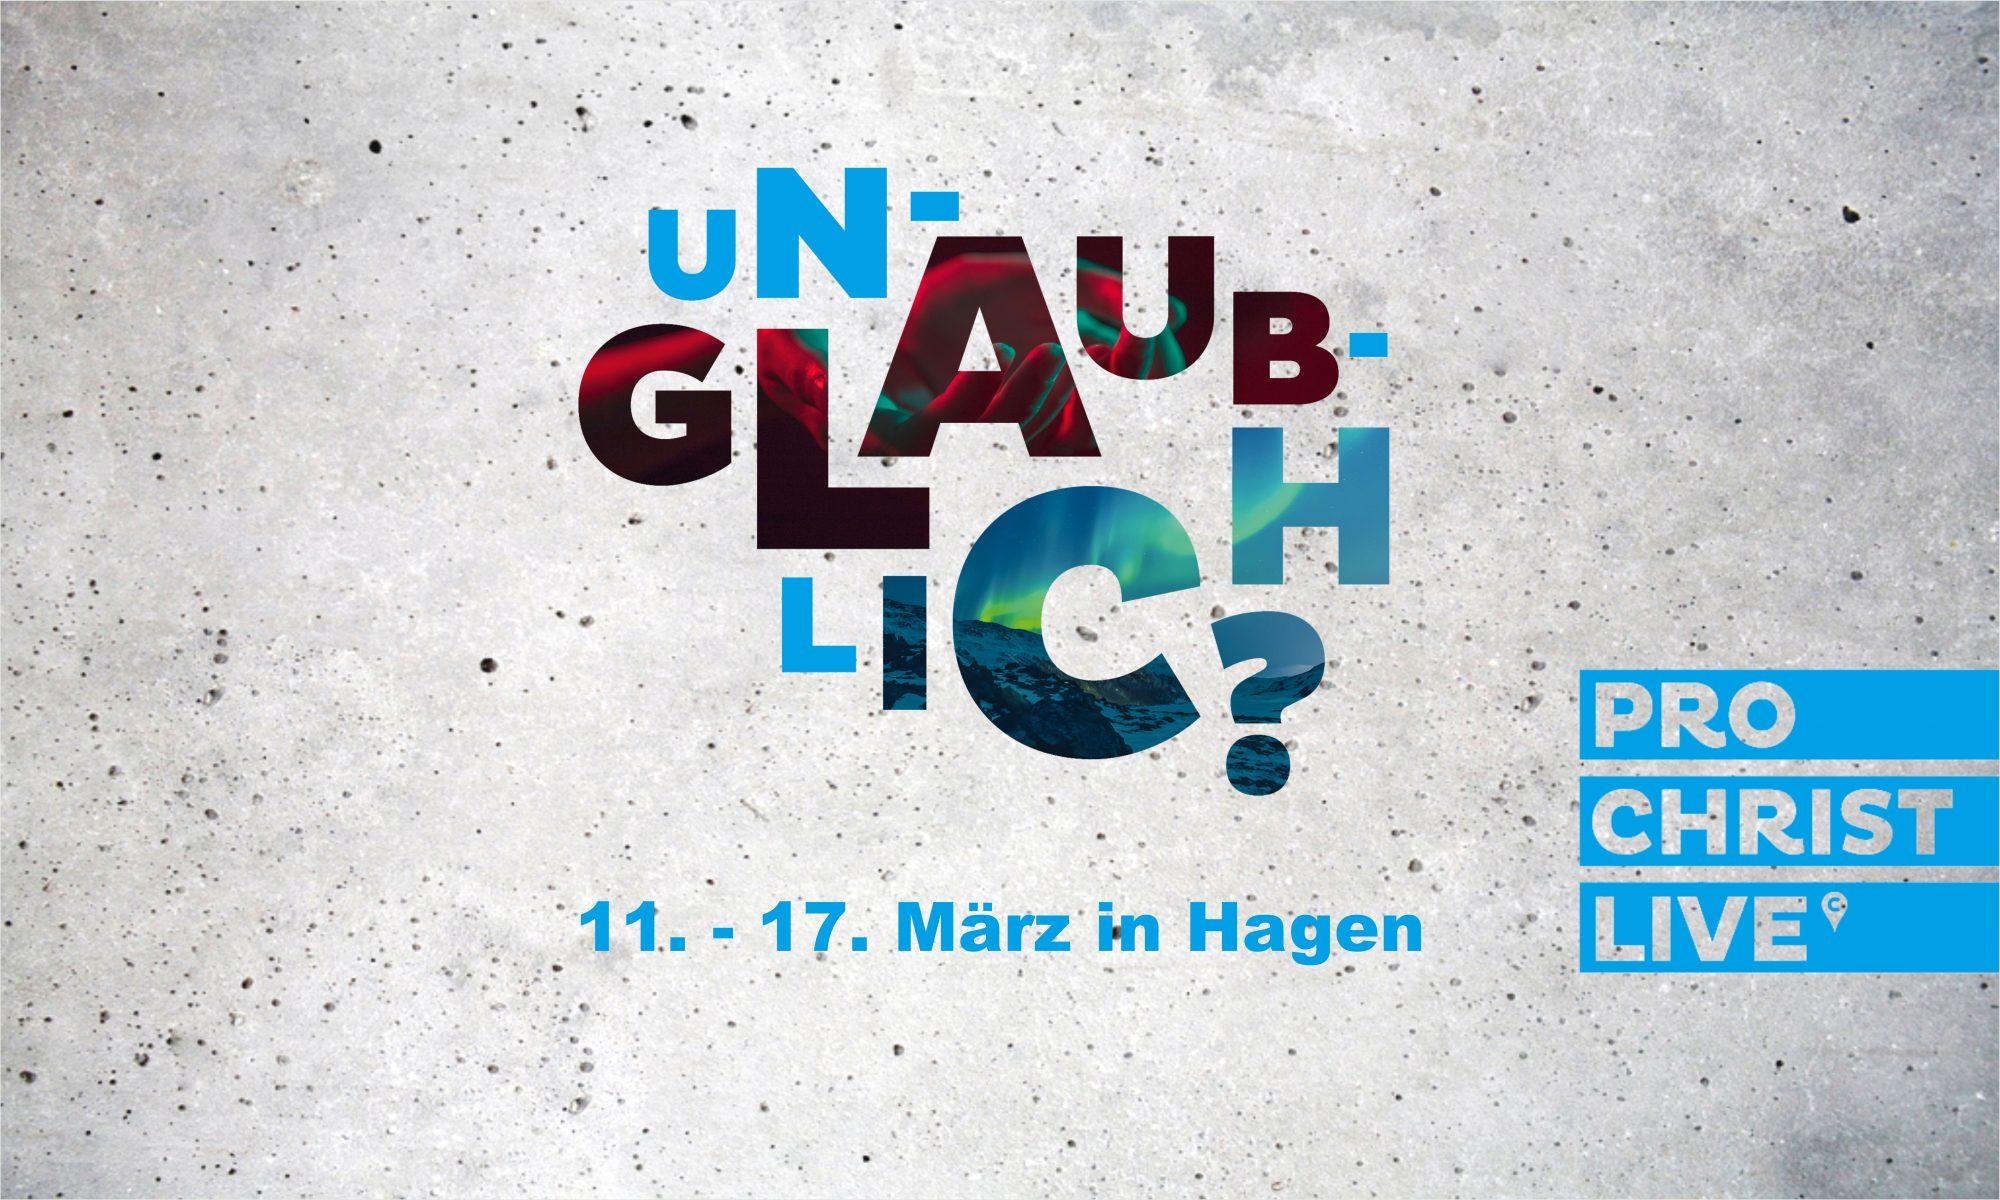 ProChrist 2018 in Hagen